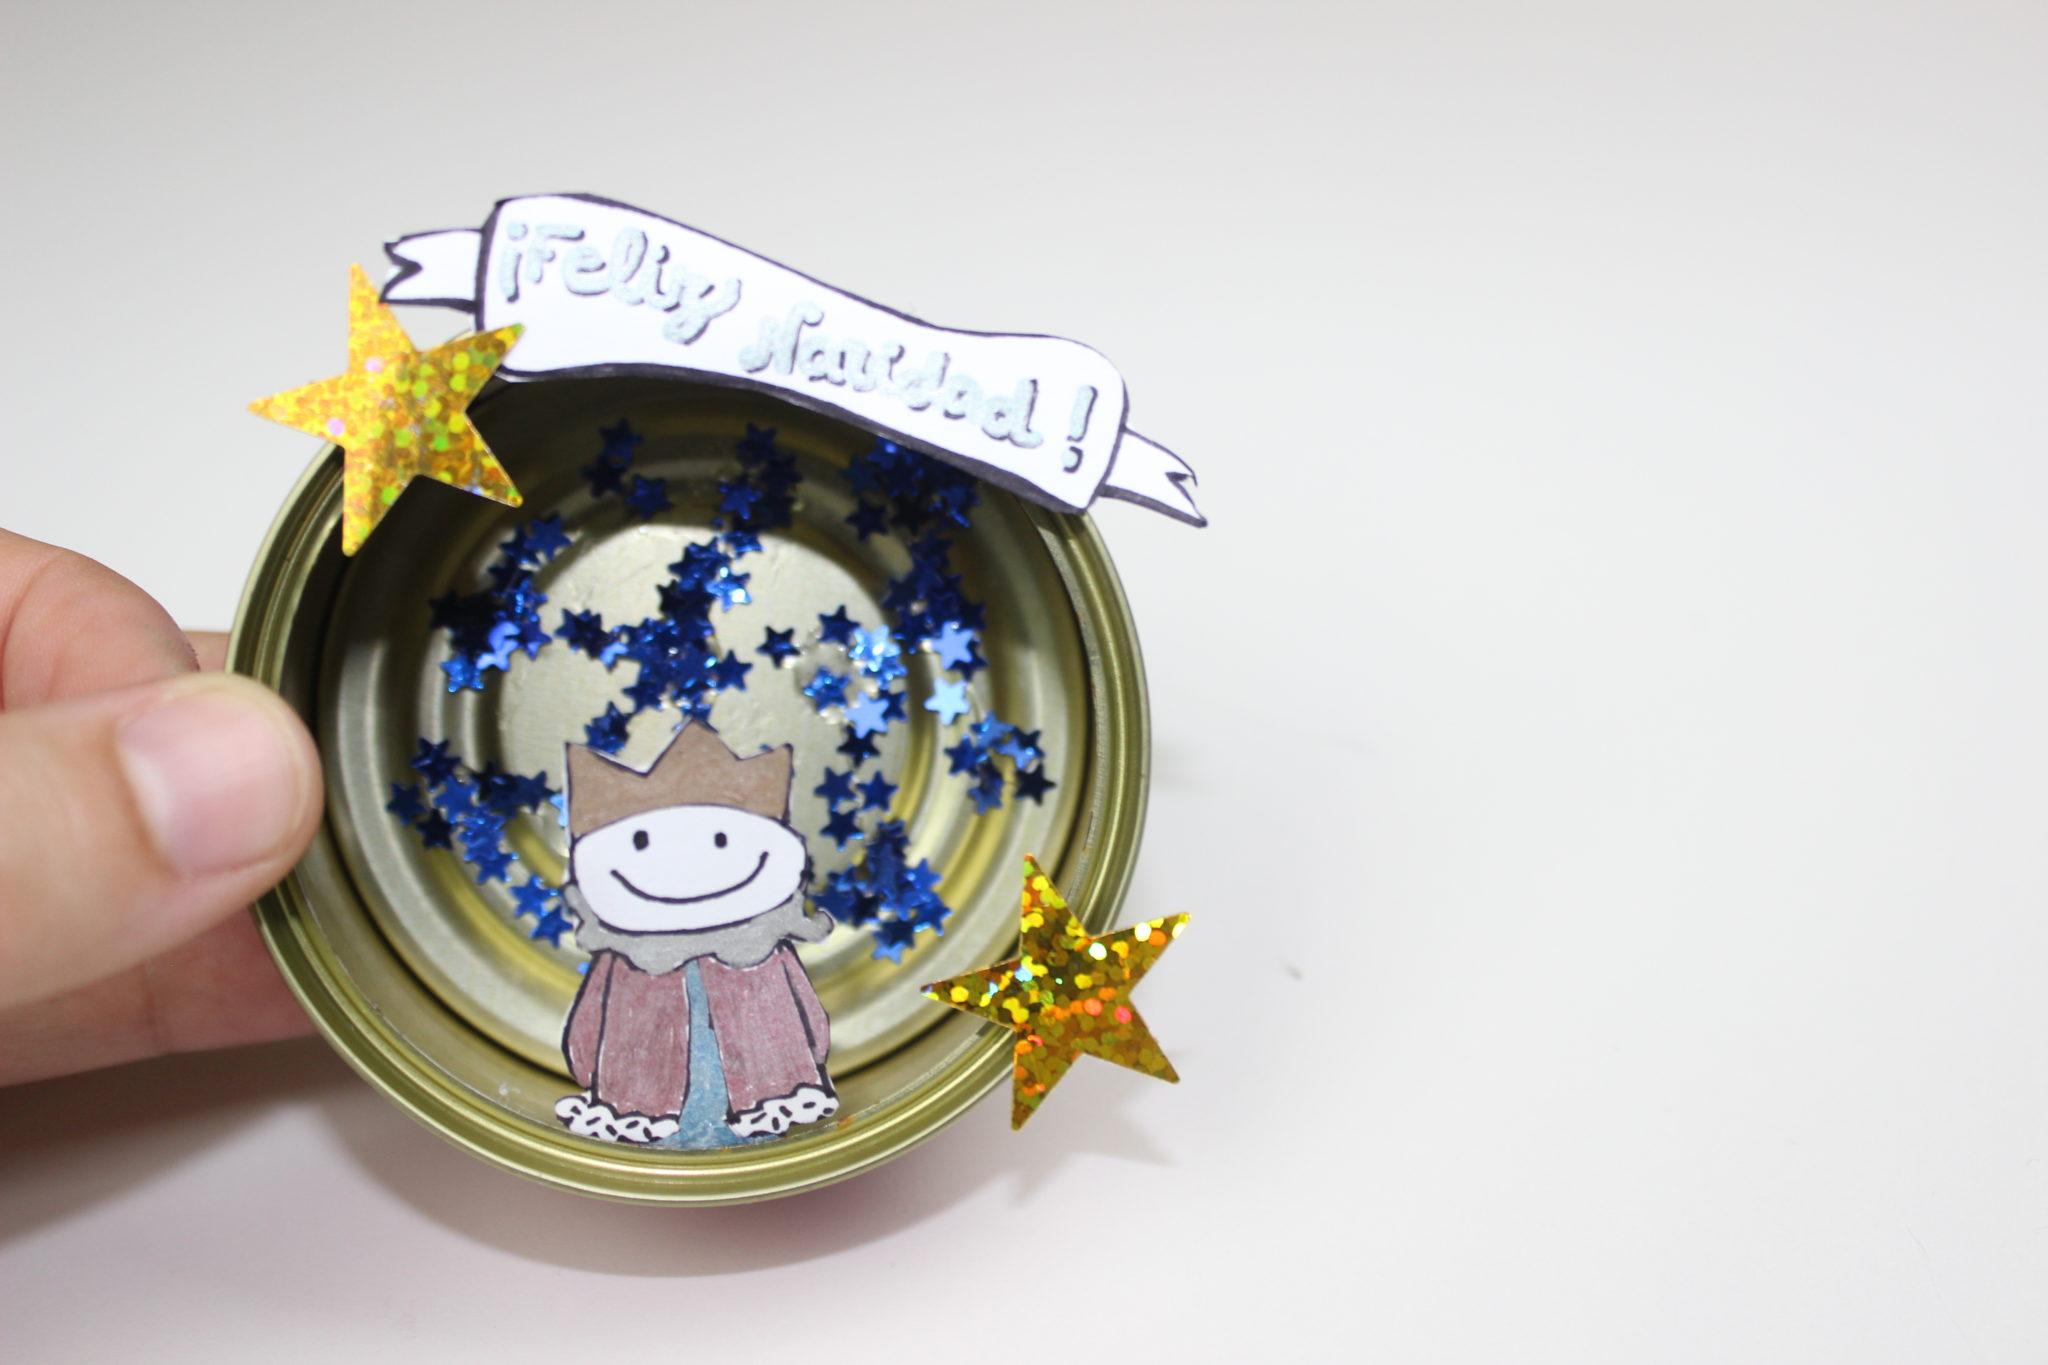 manualidades de navidad con latas de atun